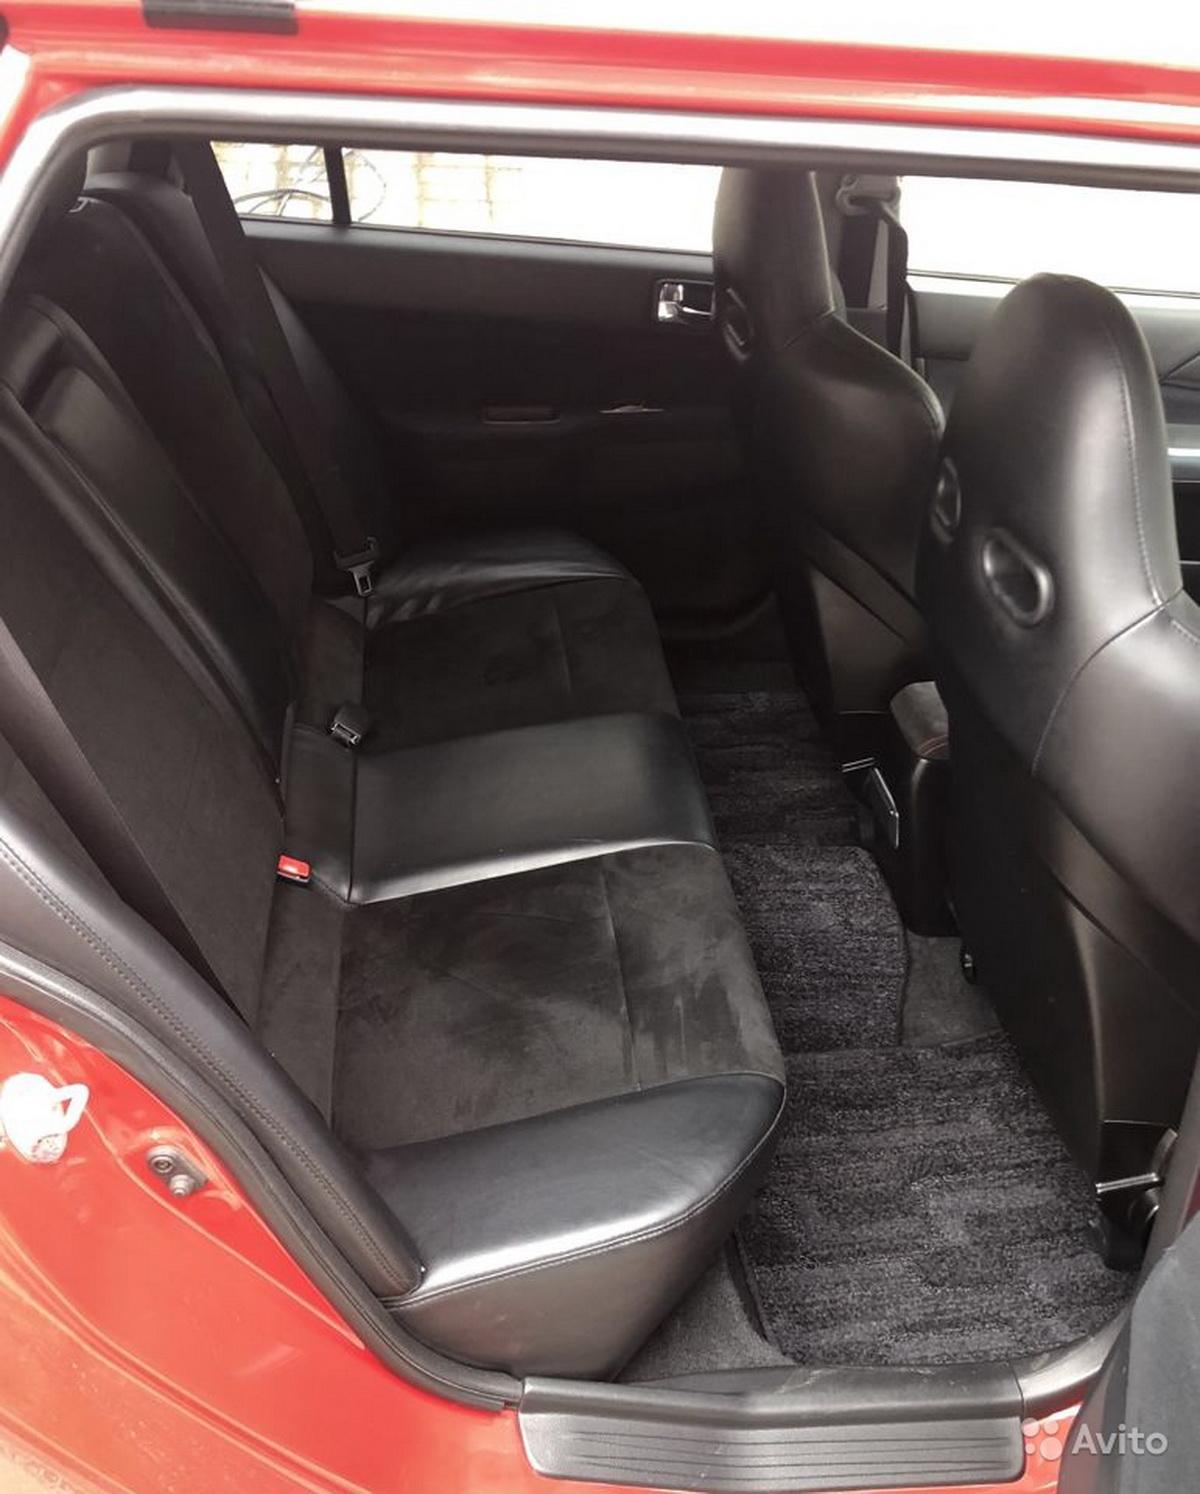 Mitsubishi_Lancer_Evo_IX_Wagon_0004